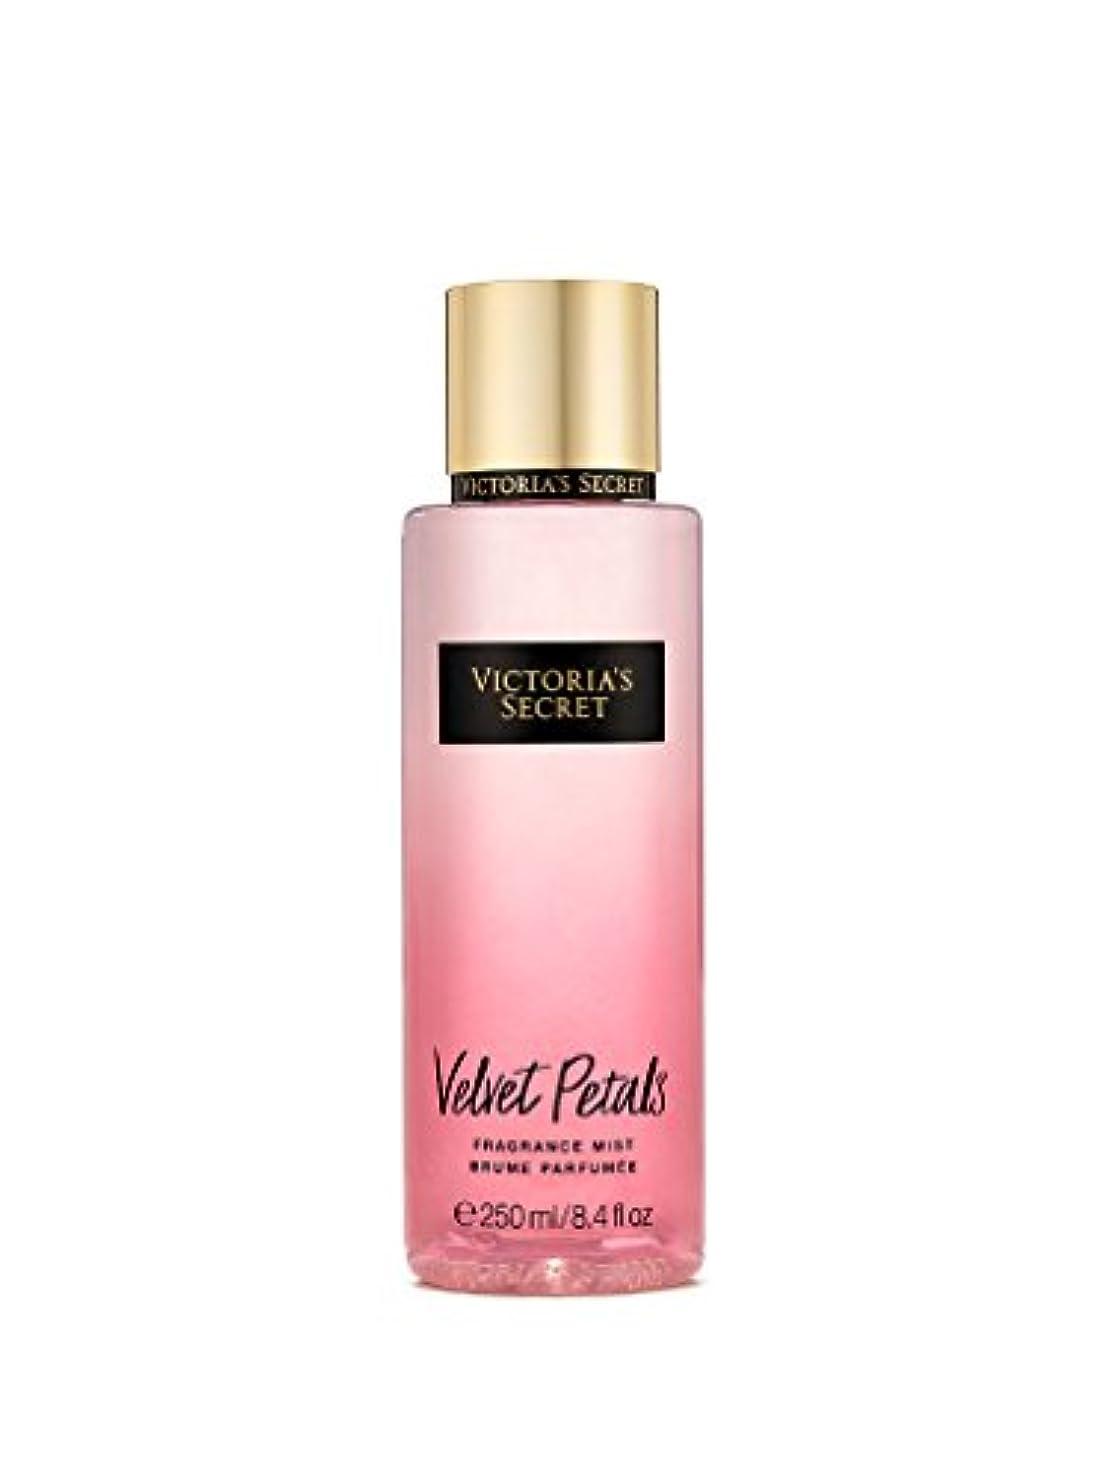 タブレット農場揺れる【並行輸入品】Victoria's Secret Velvet Petals Fragrance Mist ヴィクトリアズシークレットベルベットぺタルズミスト250 ml